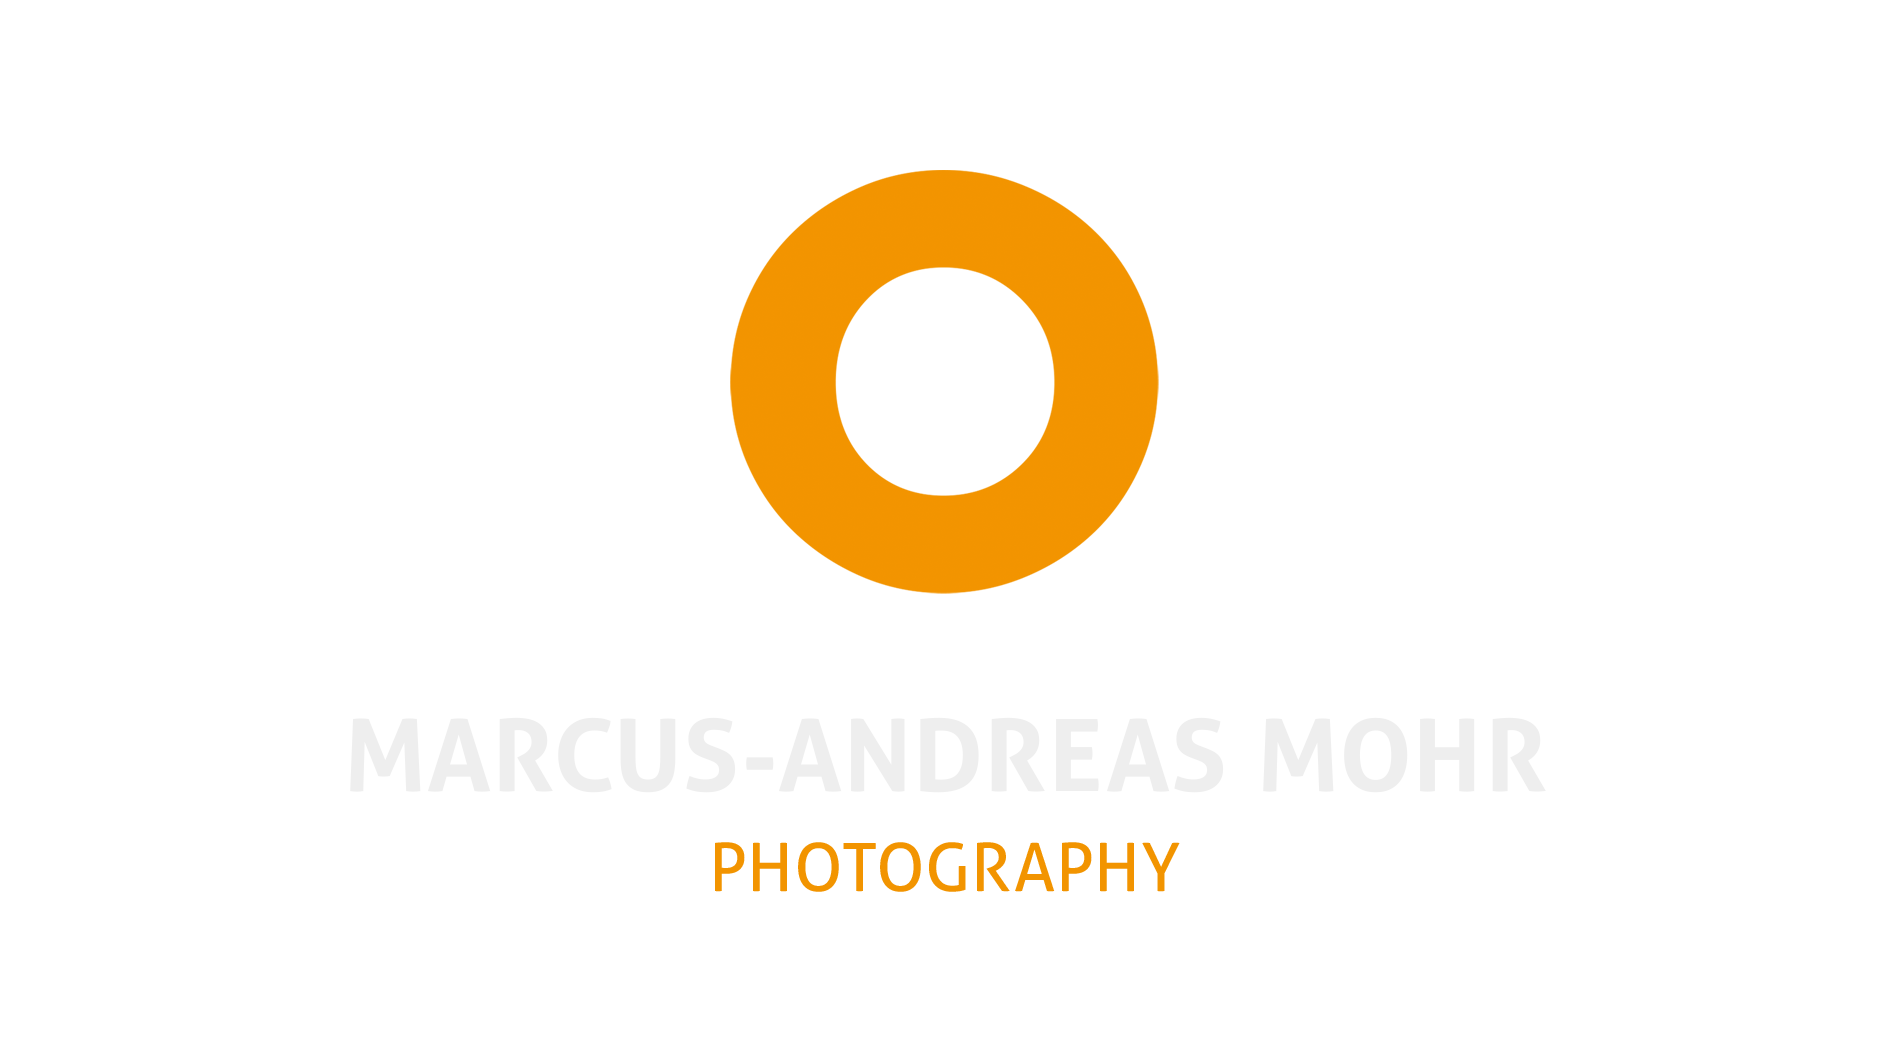 MARCUS-ANDREAS MOHR